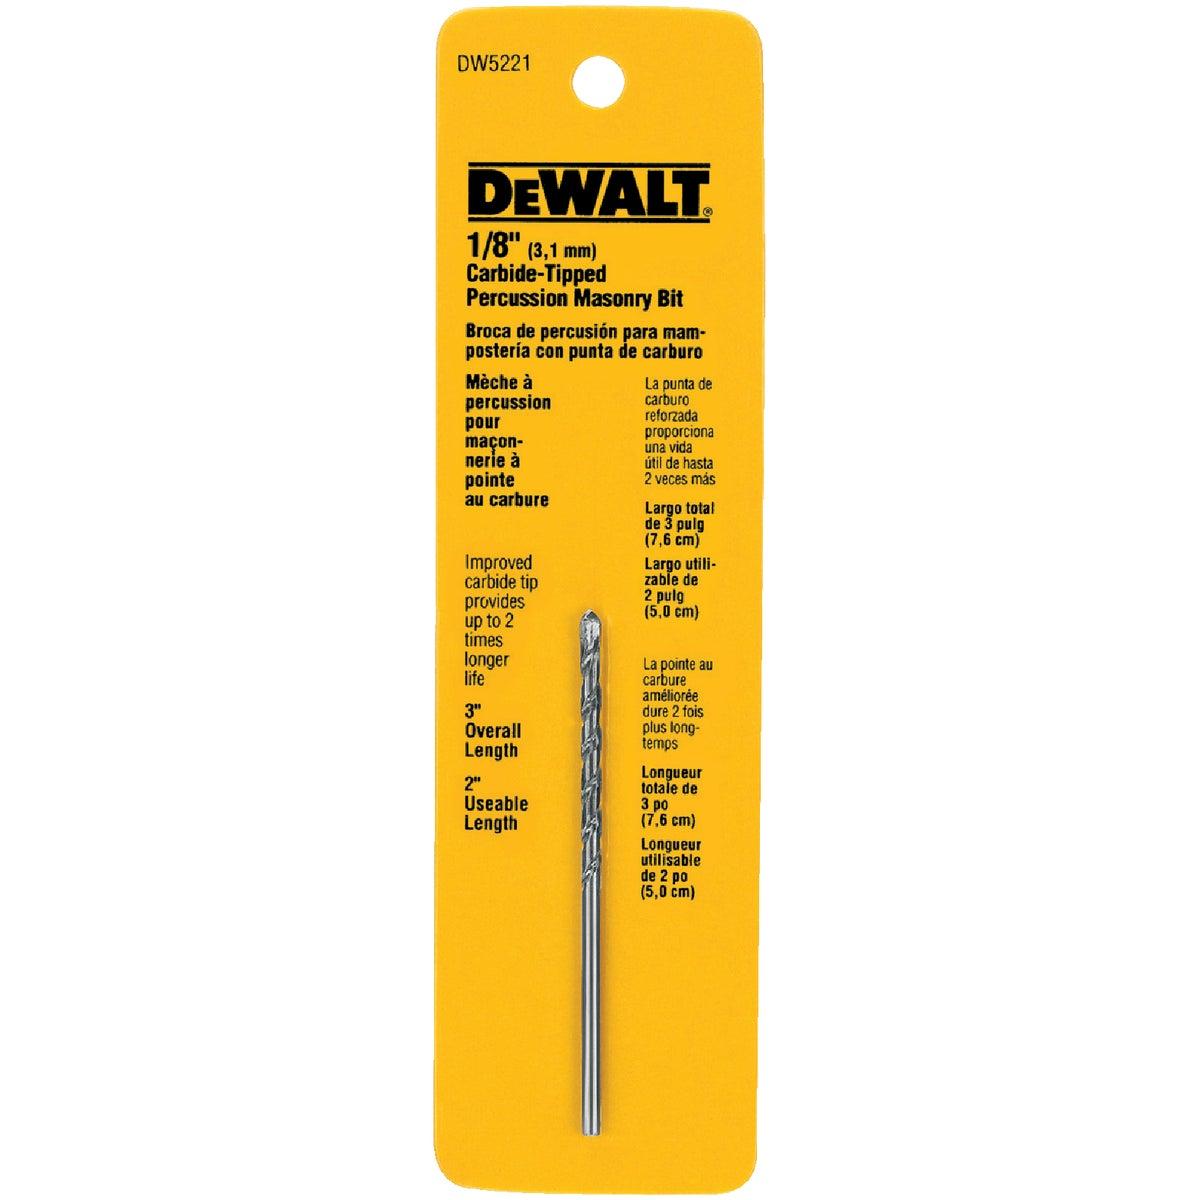 1/8X3 MASONRY DRILL BIT - DW5221 by DeWalt